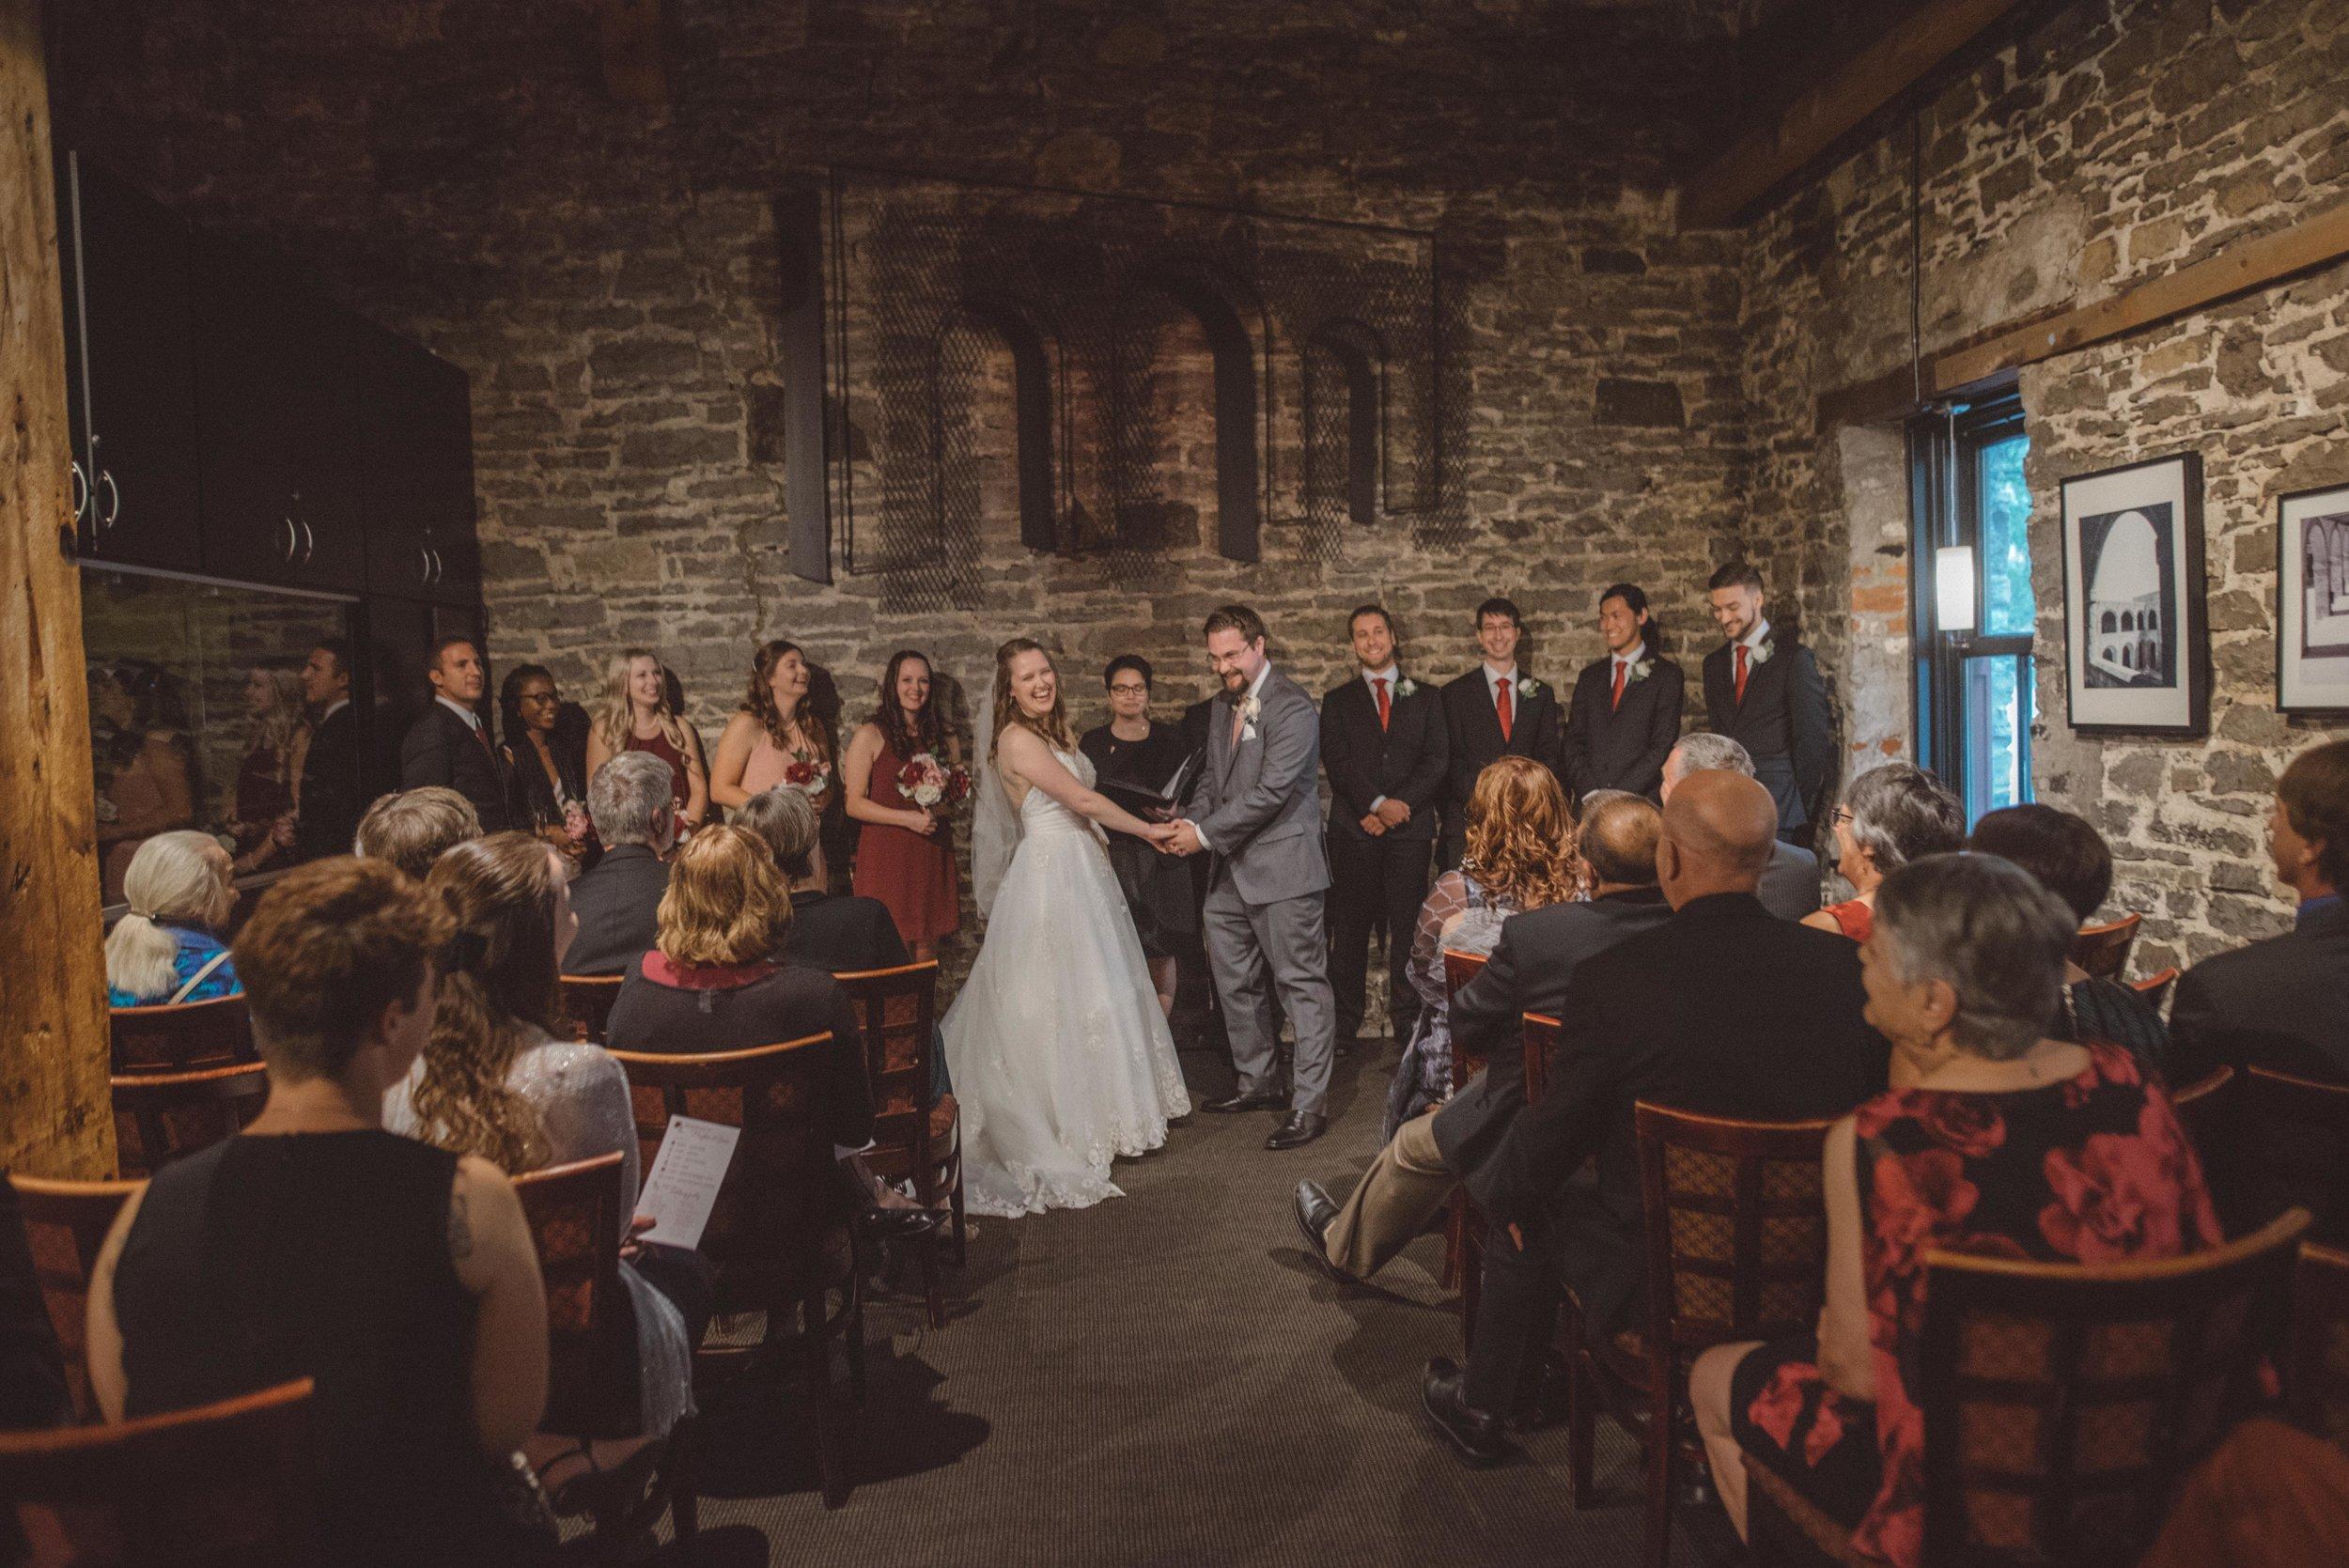 wedding_photographer_lifestyle_documentary_photographe_ottawa_gatineau-33.jpg